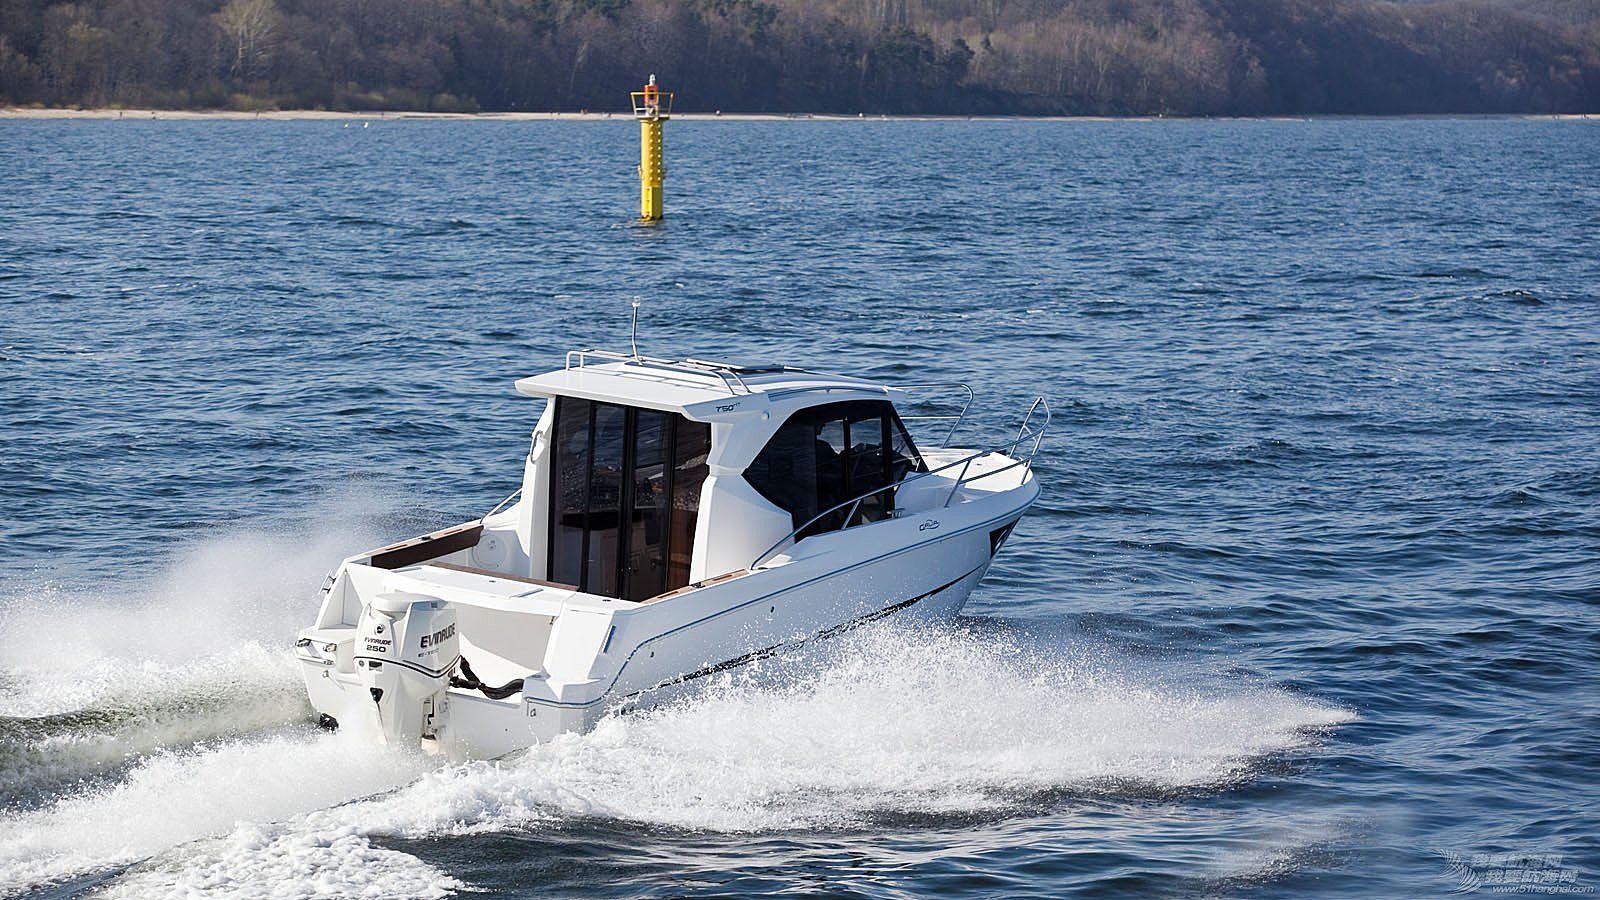 进口 波兰进口Galia 750 Hardtop硬顶钓鱼艇出售